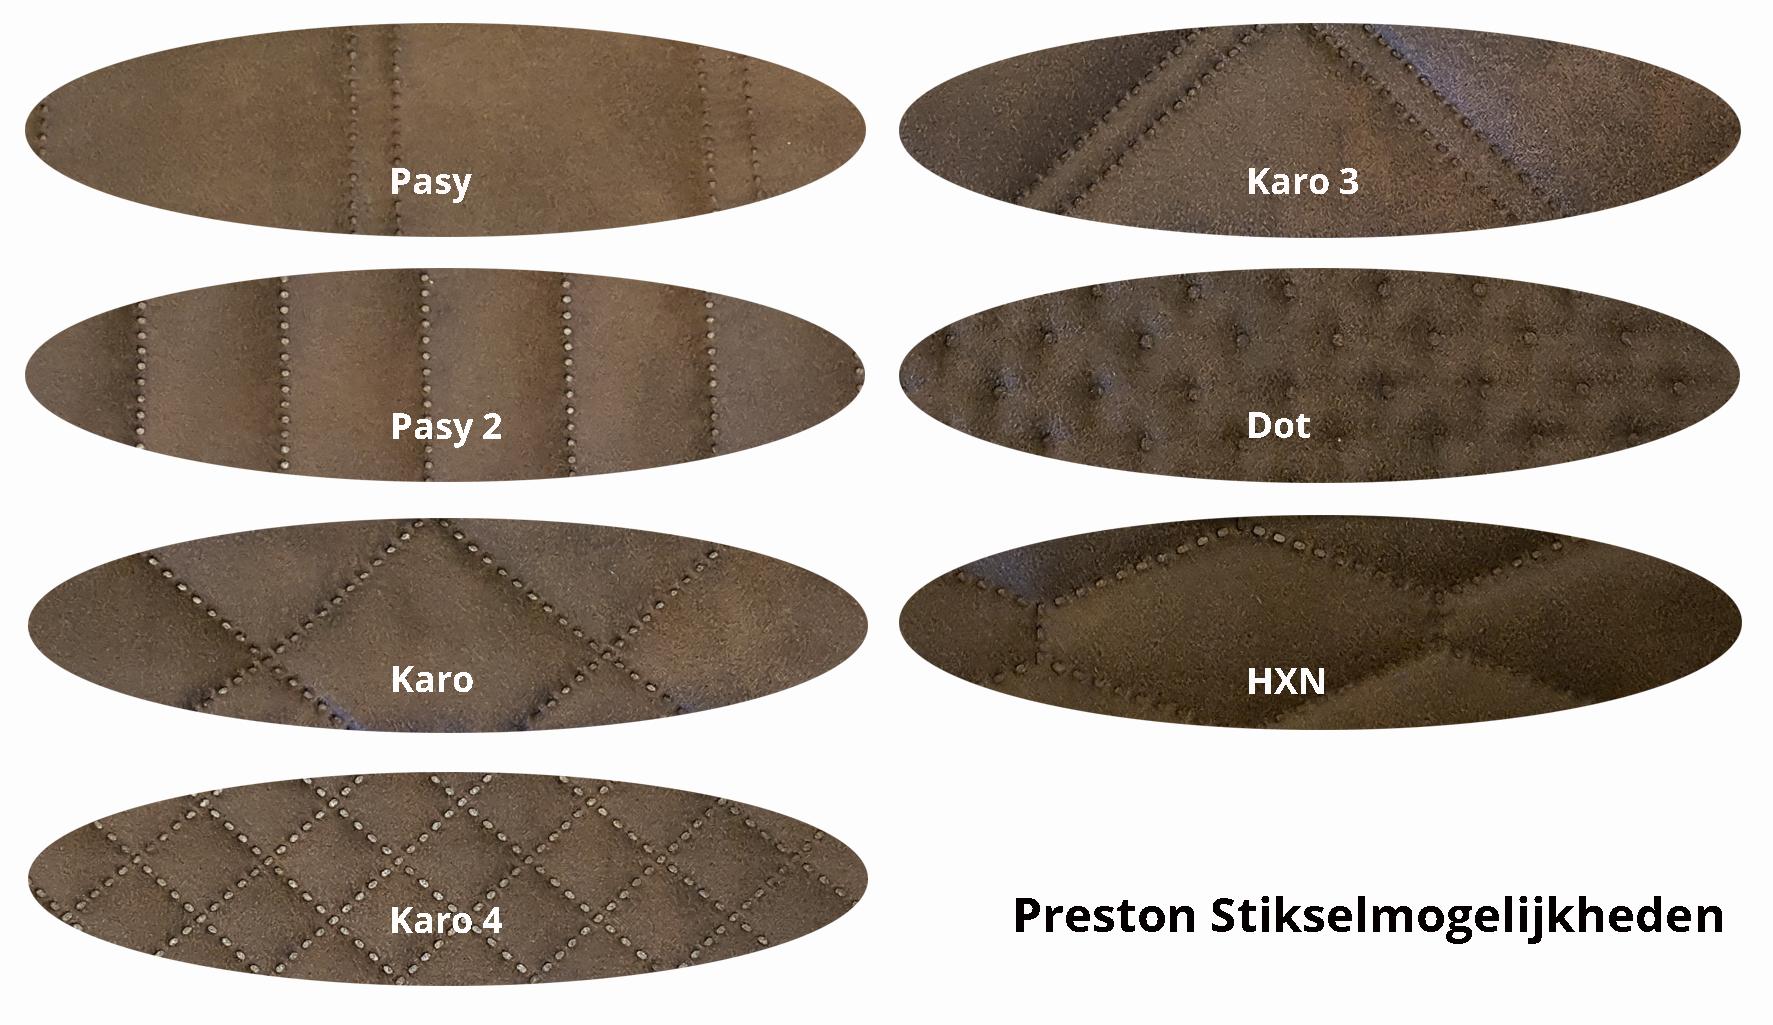 Preston stikselrondjes met tekst - Stoel Lisa Vintage